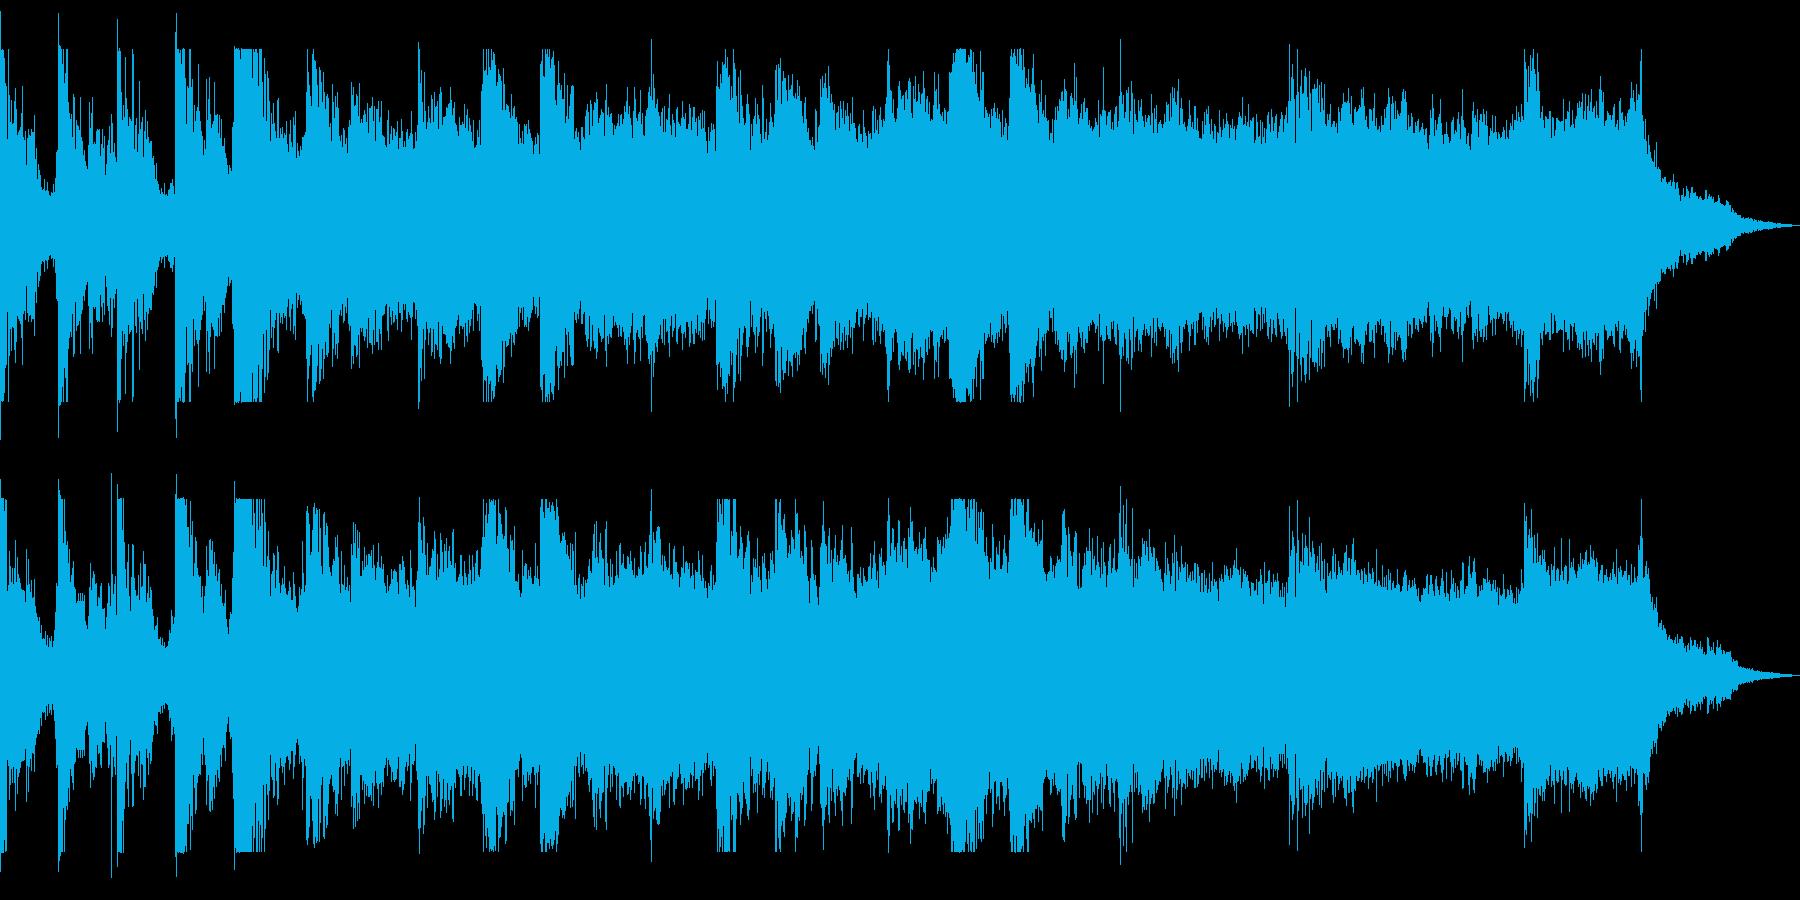 シリアスなドキュメンタリー風BGMの再生済みの波形